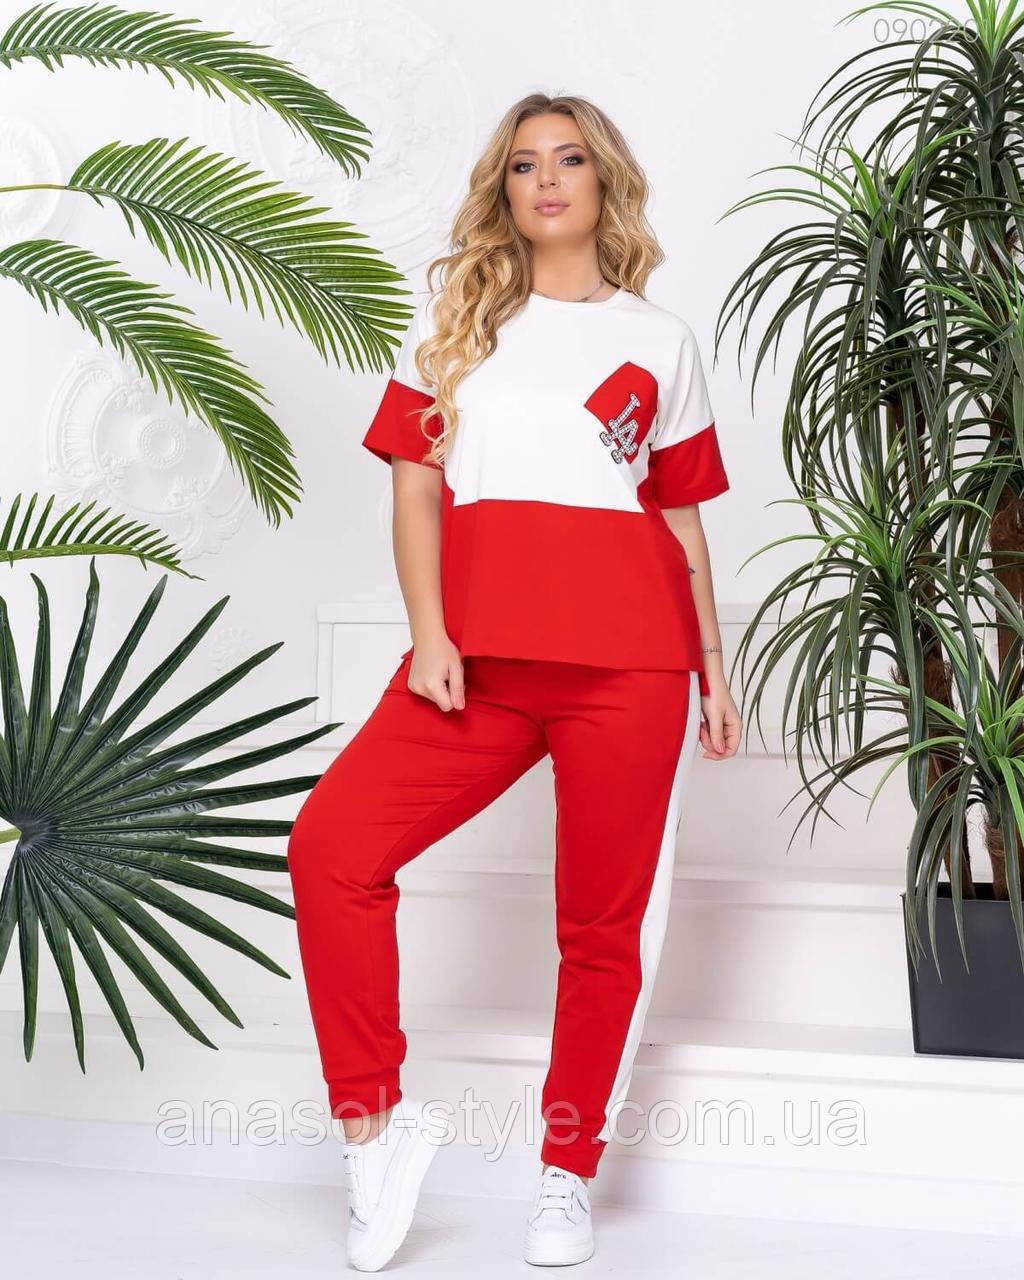 Спортивный костюм женский Спорт №24 красный